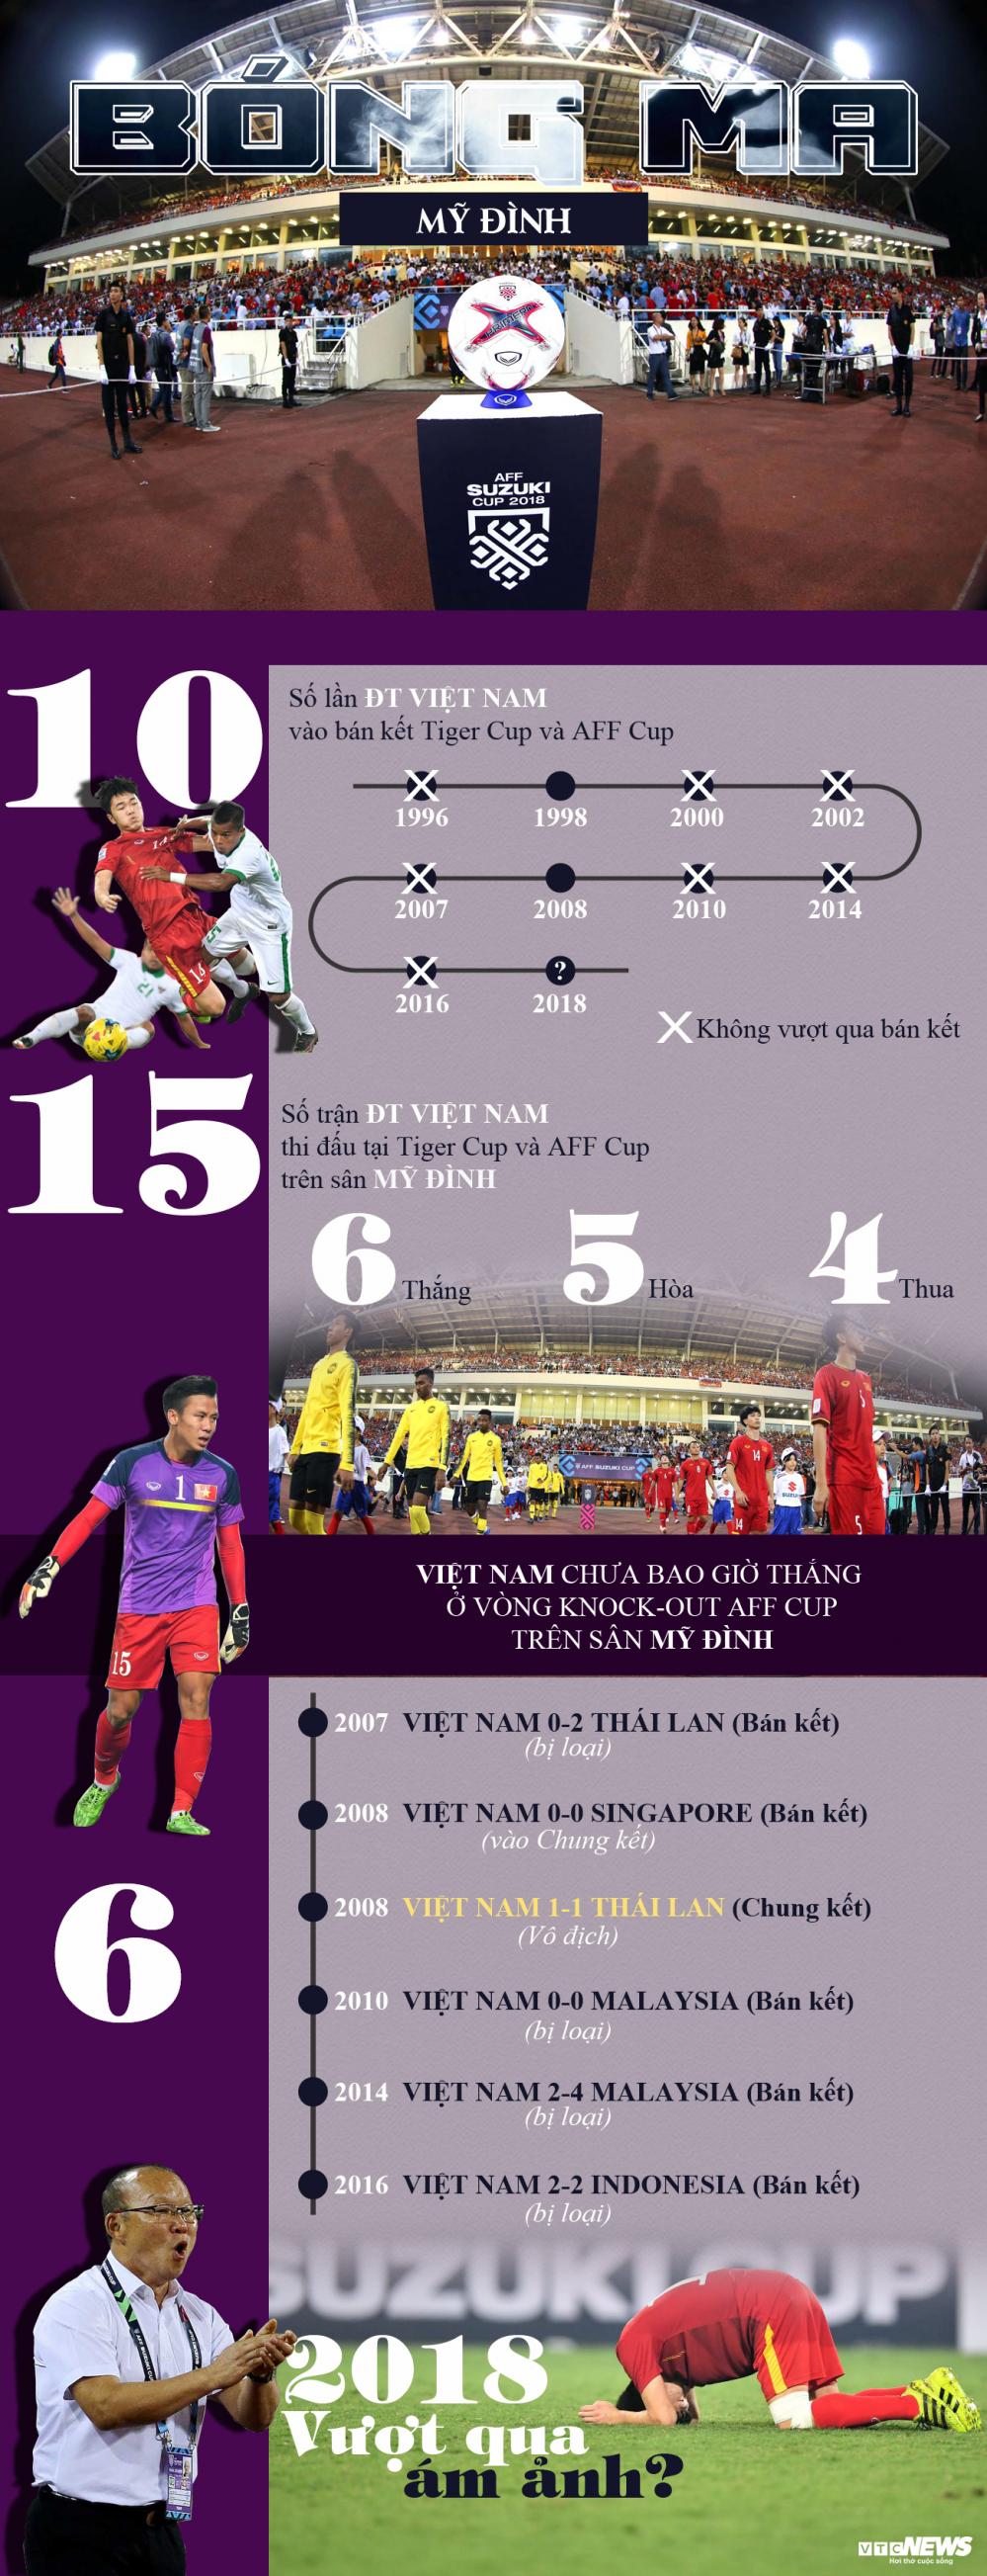 Infographic: ĐT Việt Nam chưa bao giờ thắng bán kết AFF Cup ở Mỹ Đình-1